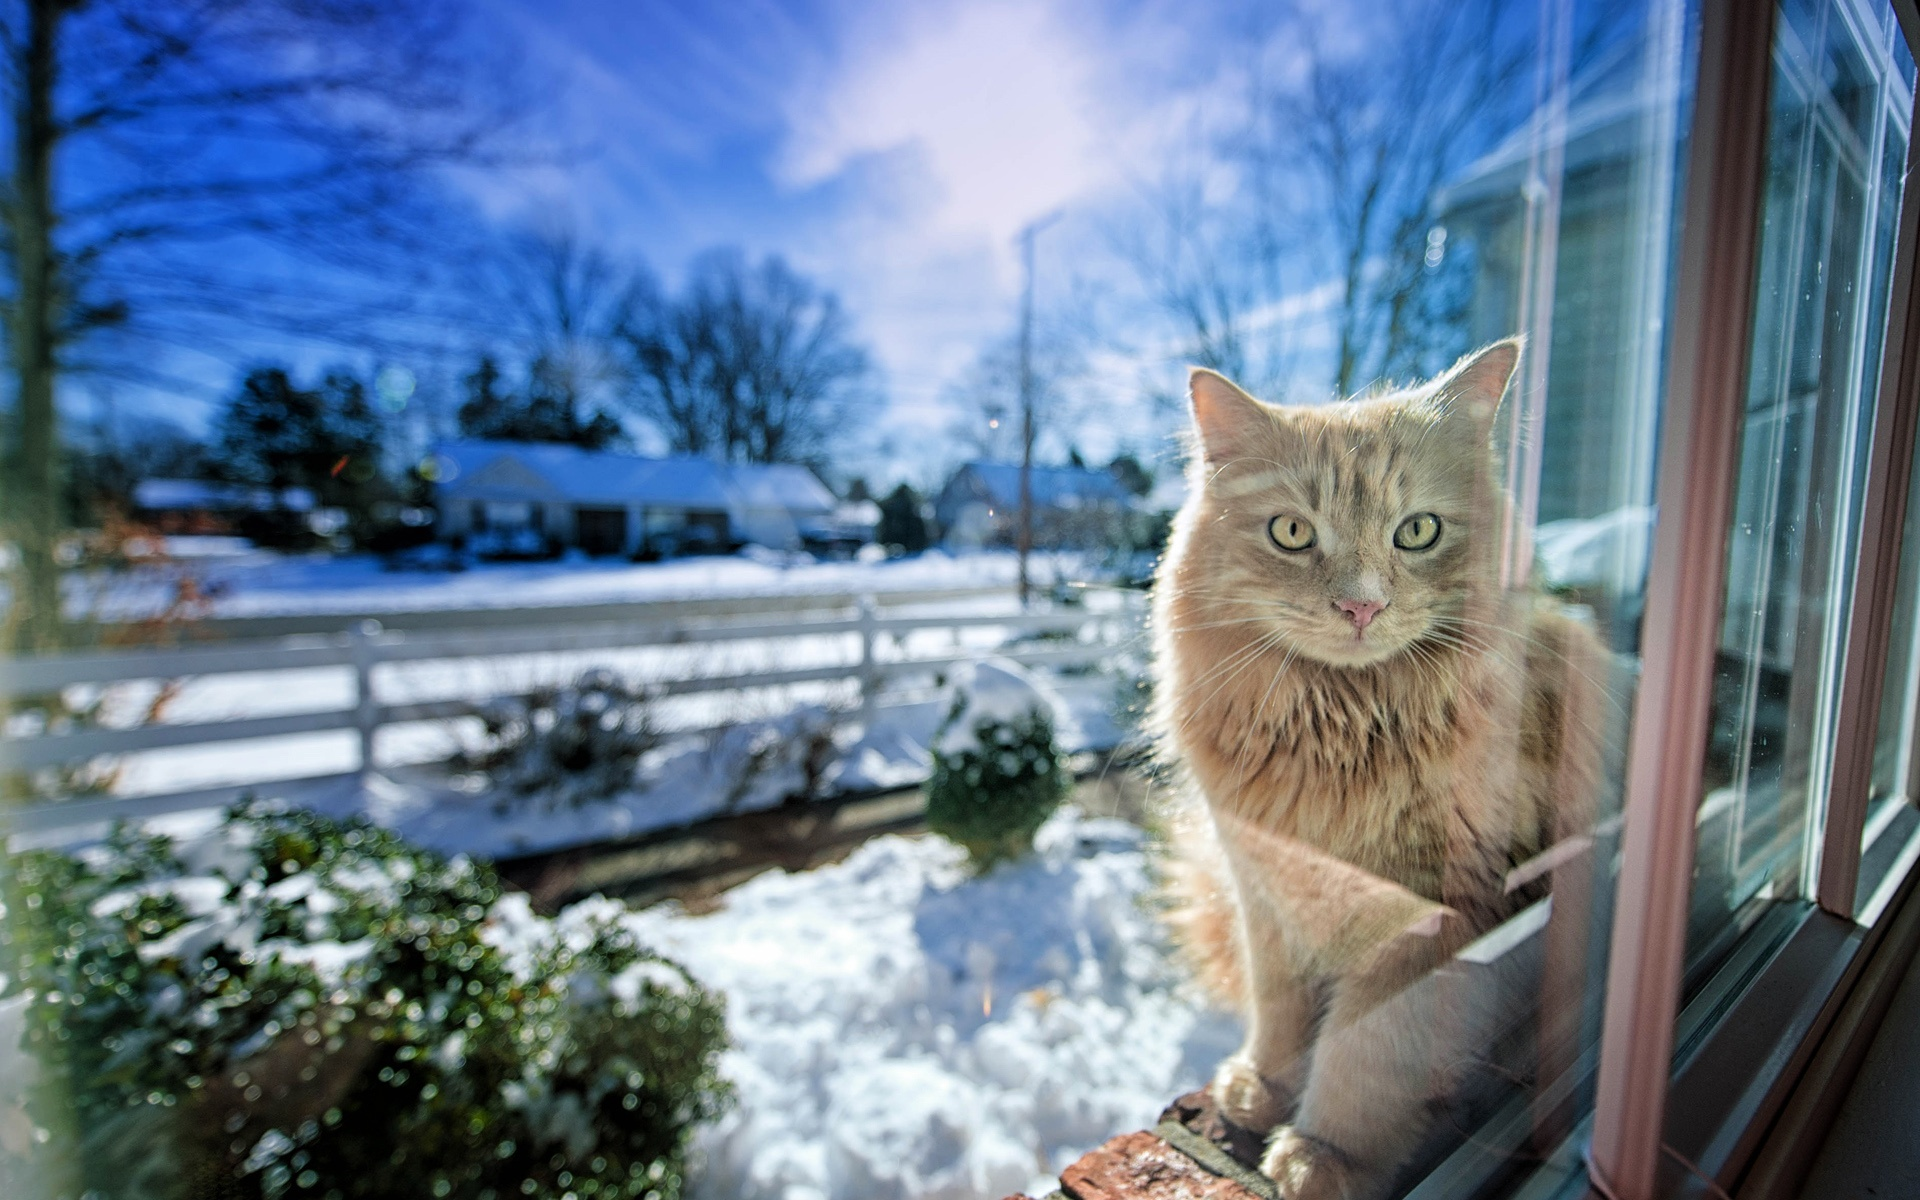 Chat dans la fen tre hiver neige fonds d 39 cran for Fenetre hiver